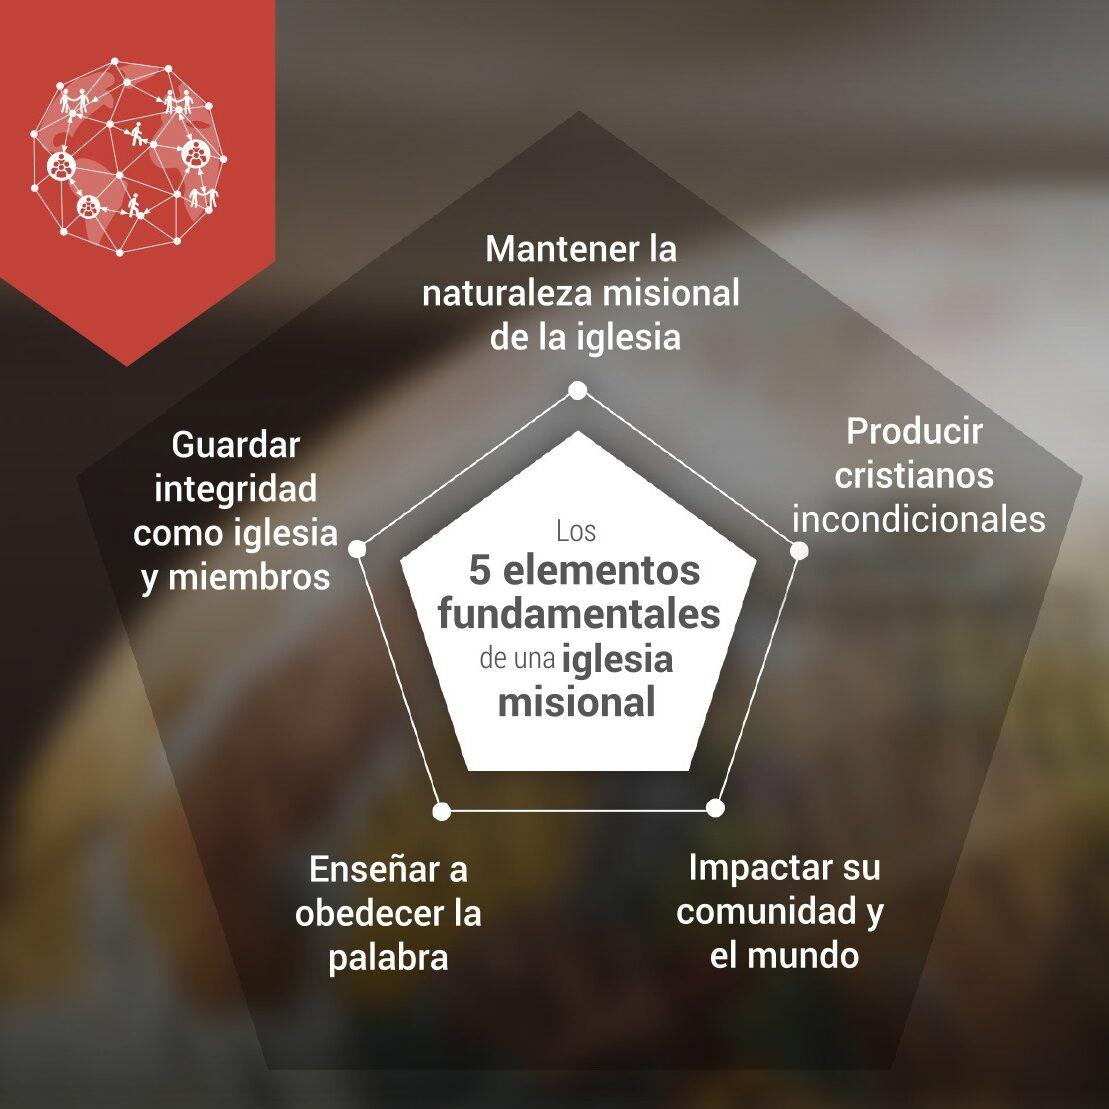 Los 5 elementos de una iglesia misional.